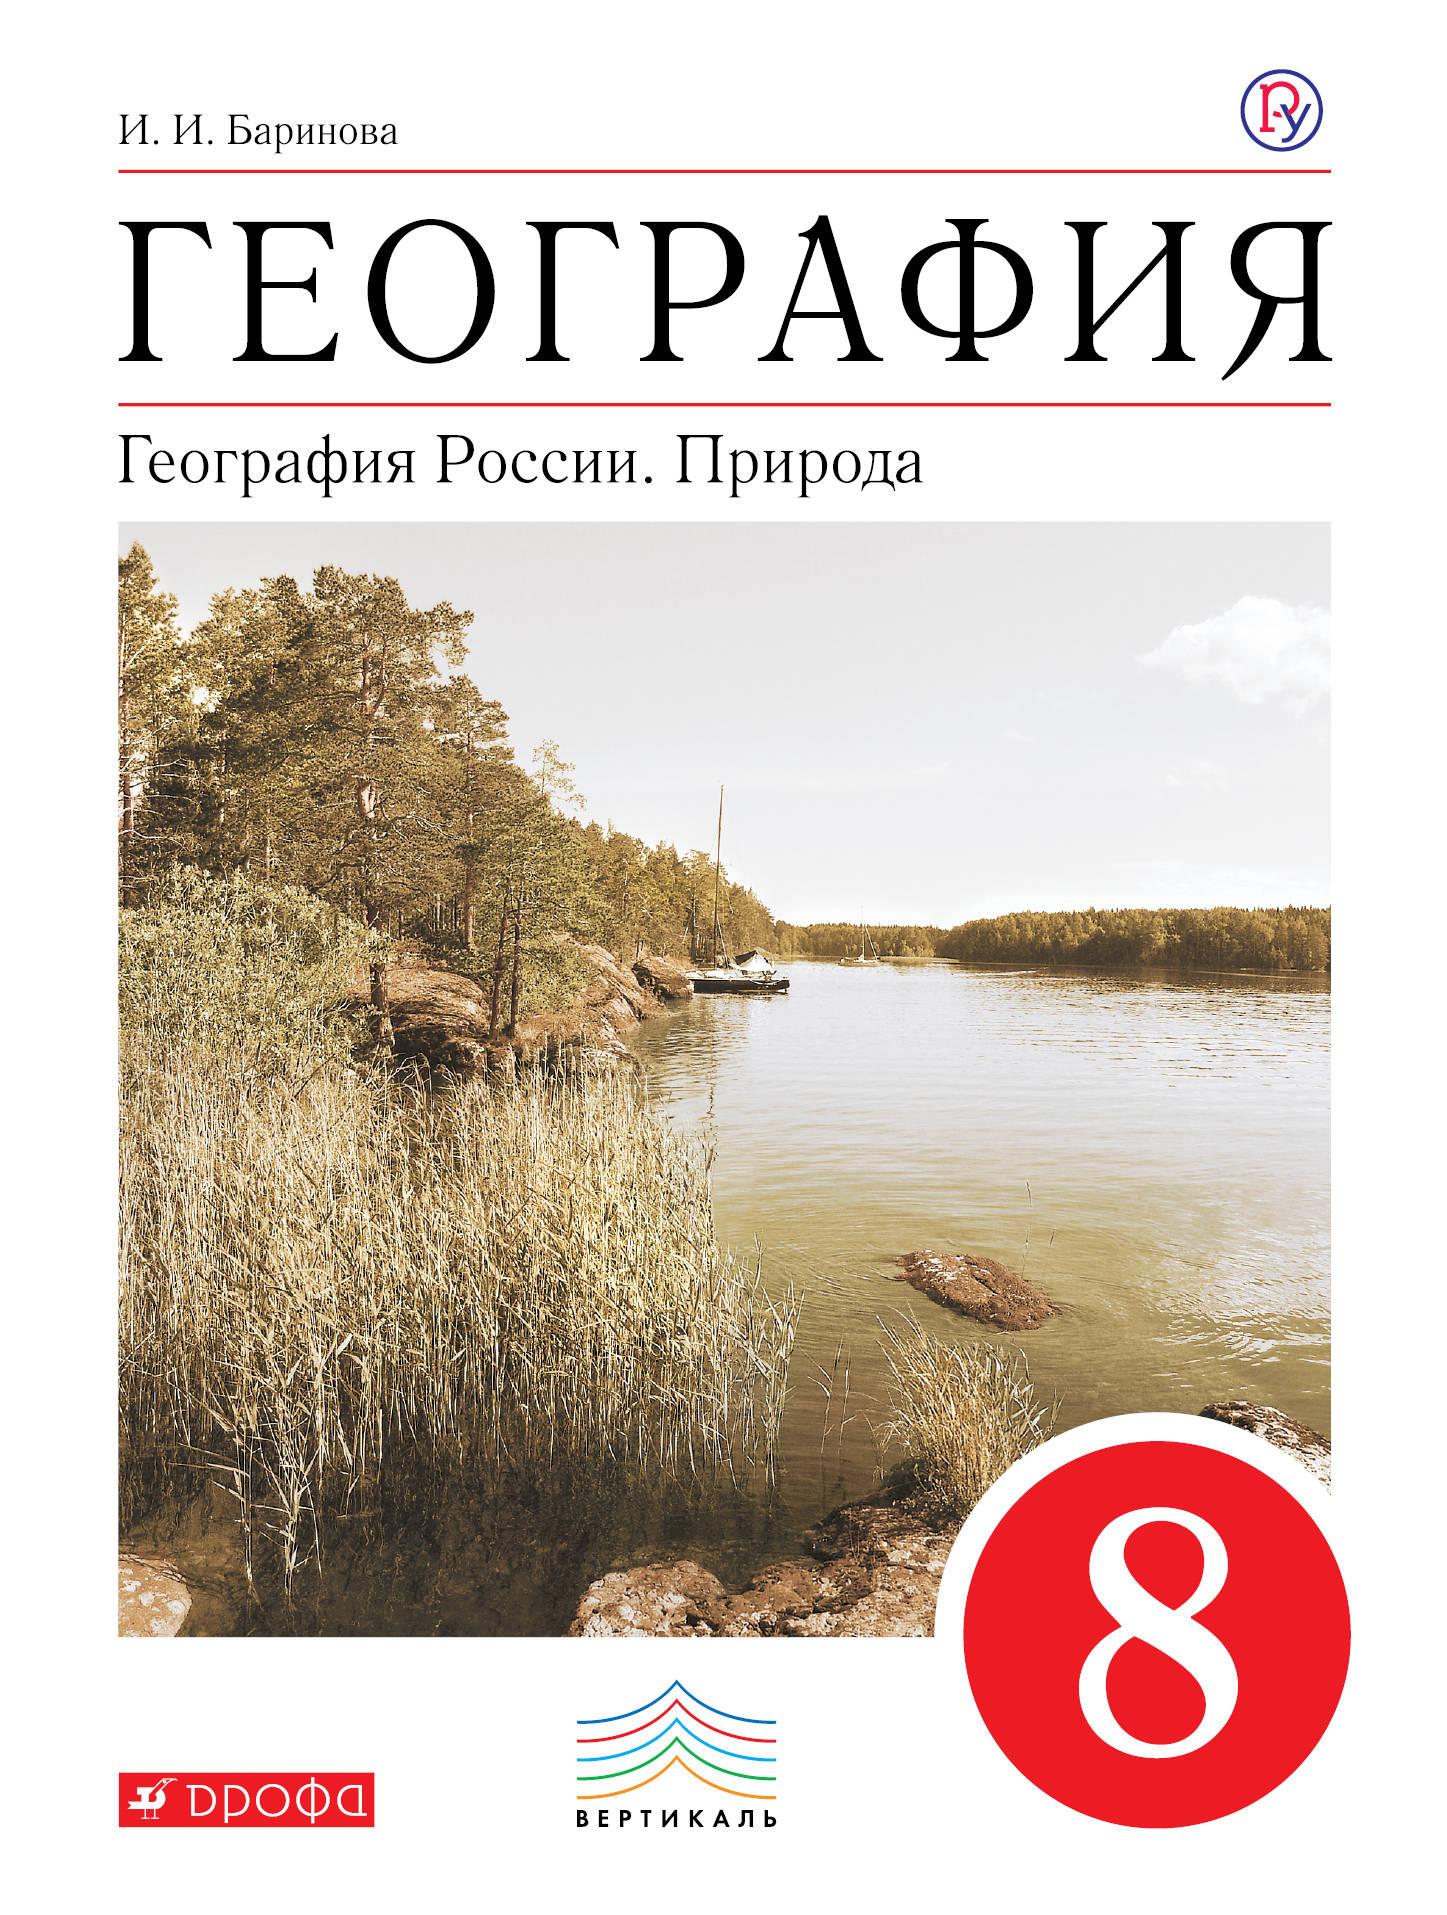 Текст учебника по географии 8 класс раковская